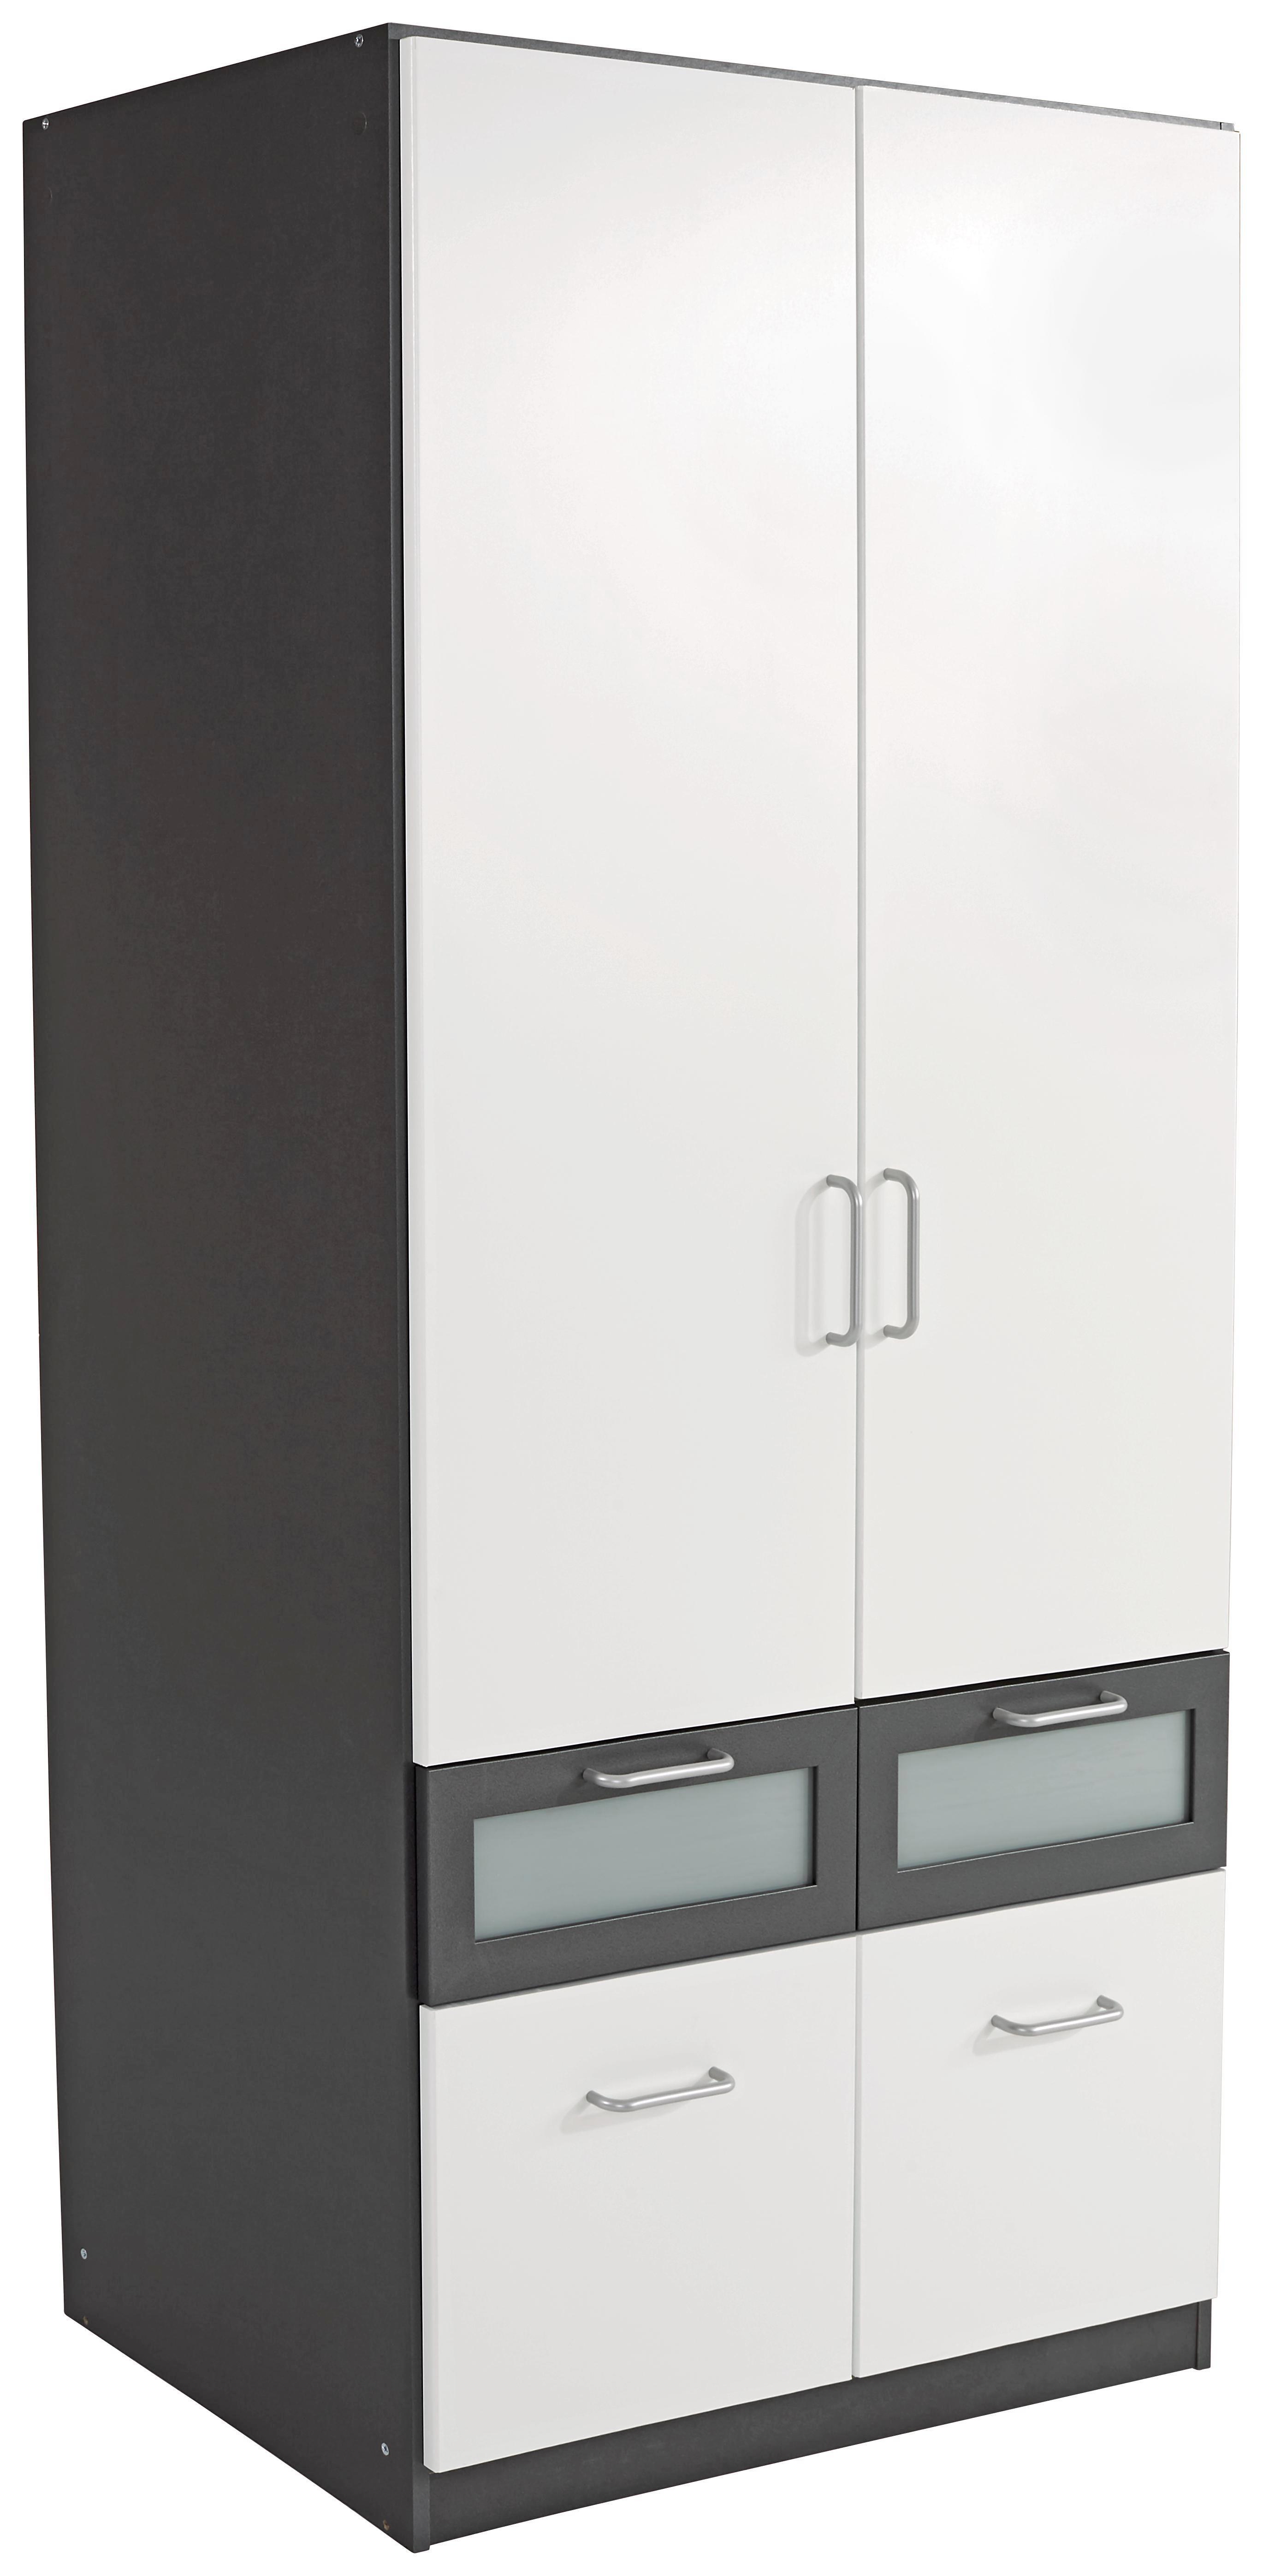 Kleiderschrank weiß grau B 91 cm Kinderzimmer Drehtürenschrank Wäscheschrank